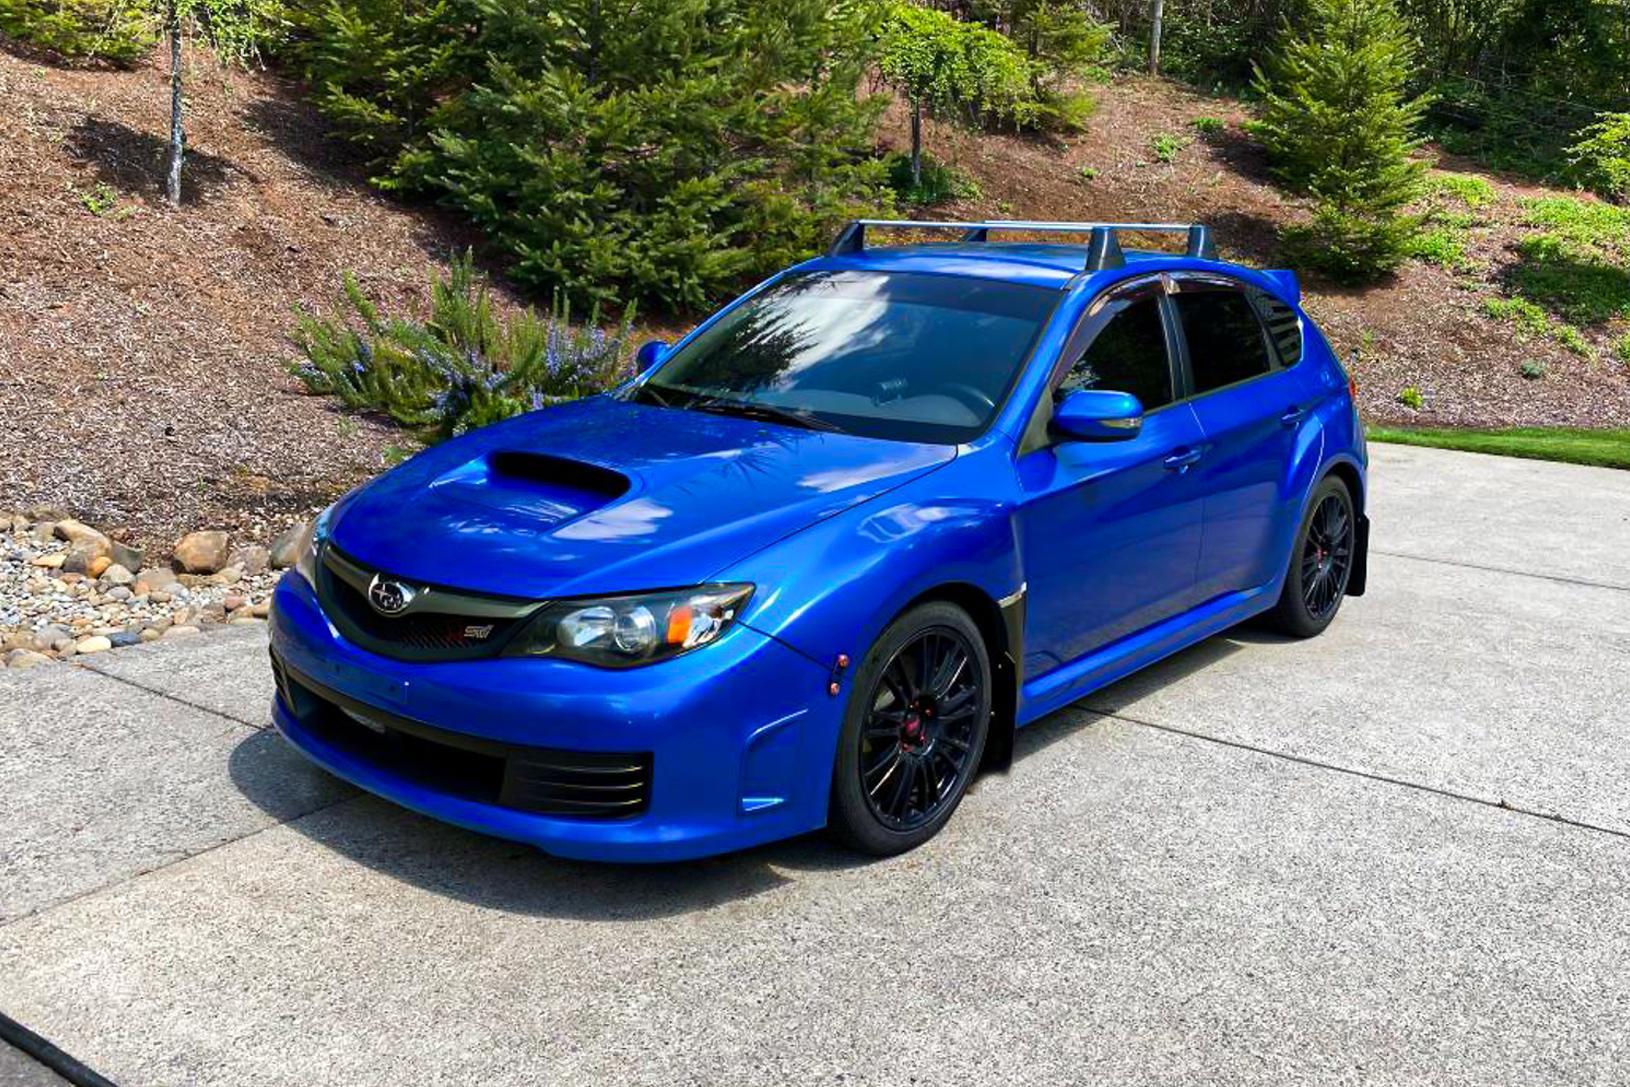 2010 Subaru STi